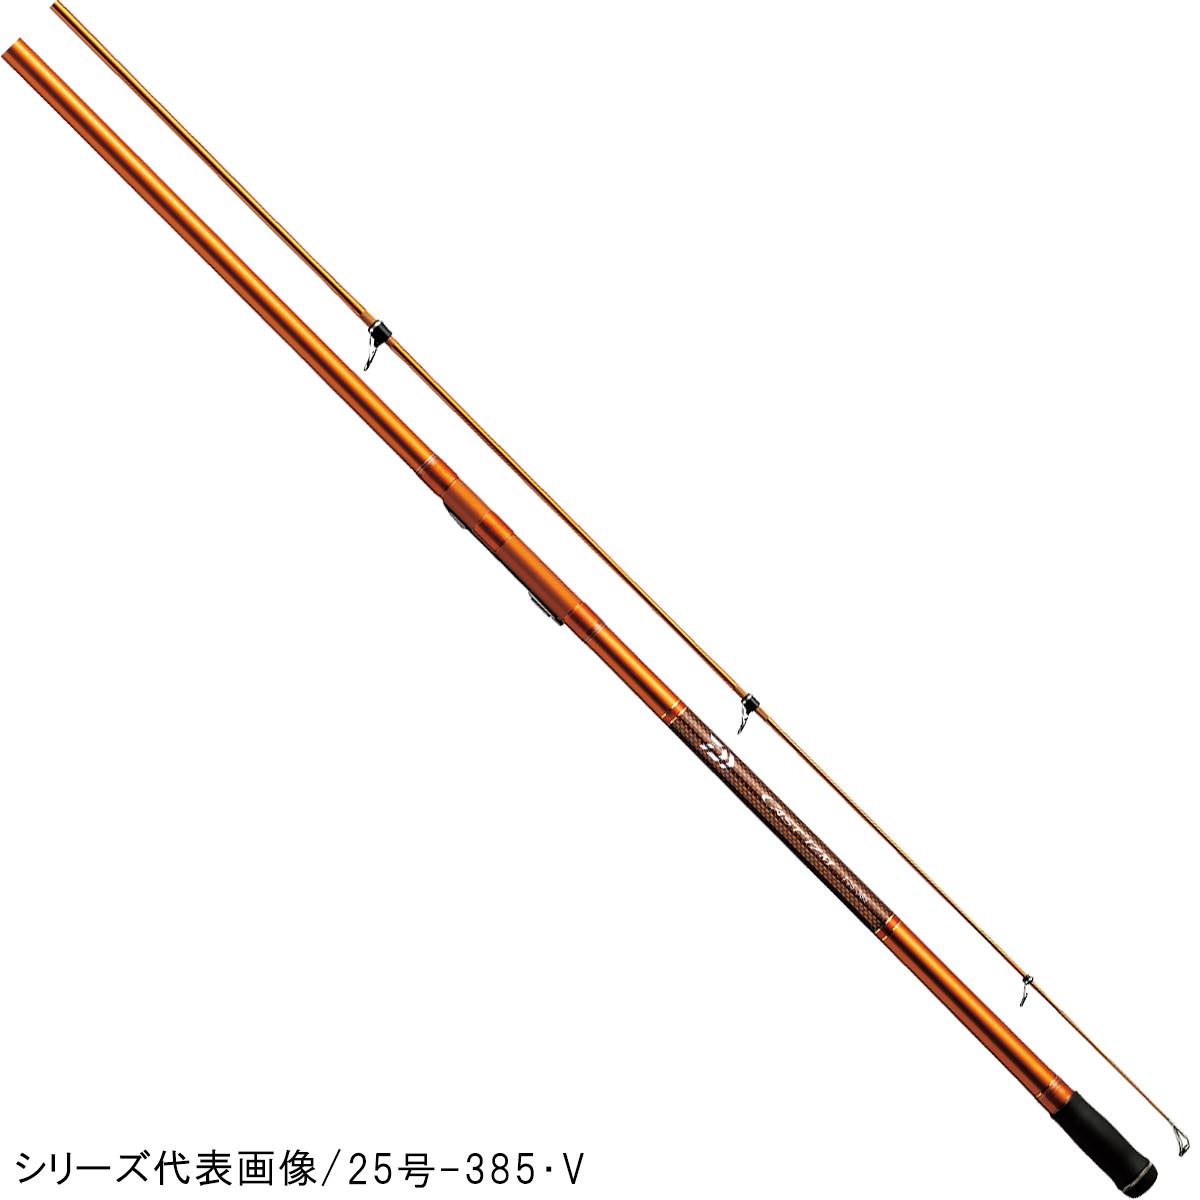 ダイワ キャスティズム T 30号-385・V【大型商品】